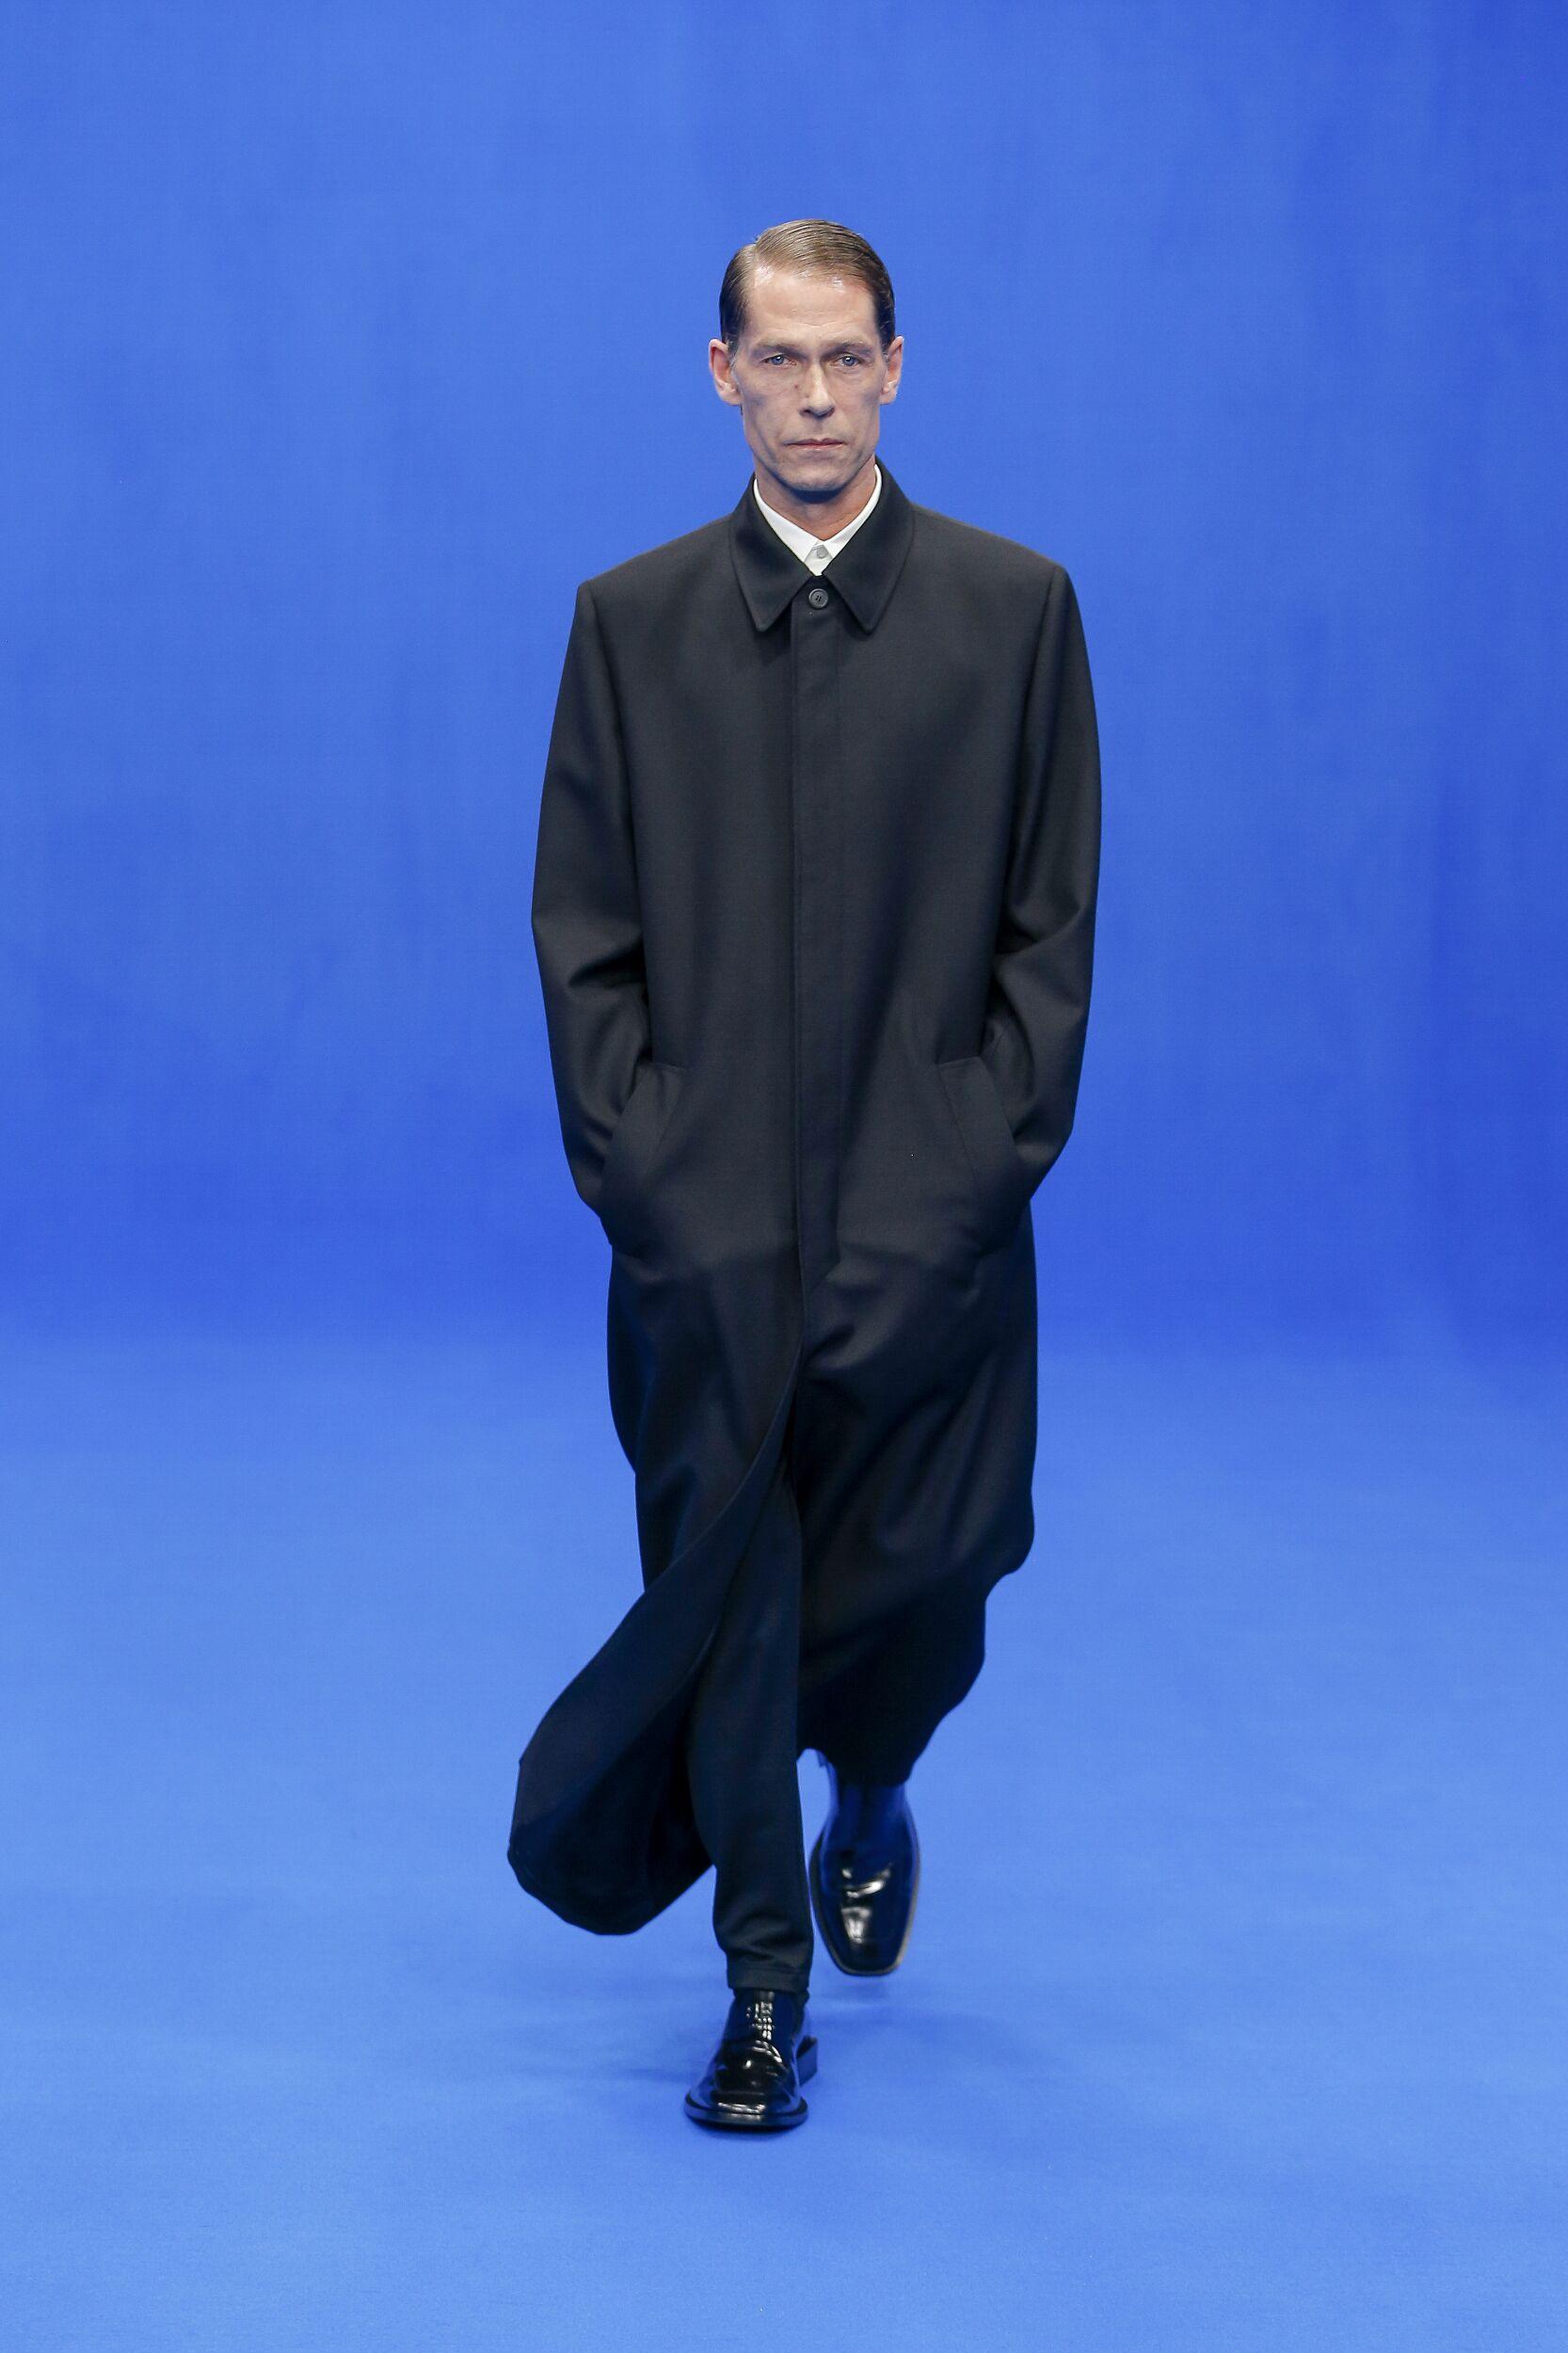 Balenciaga Menswear Collection Style